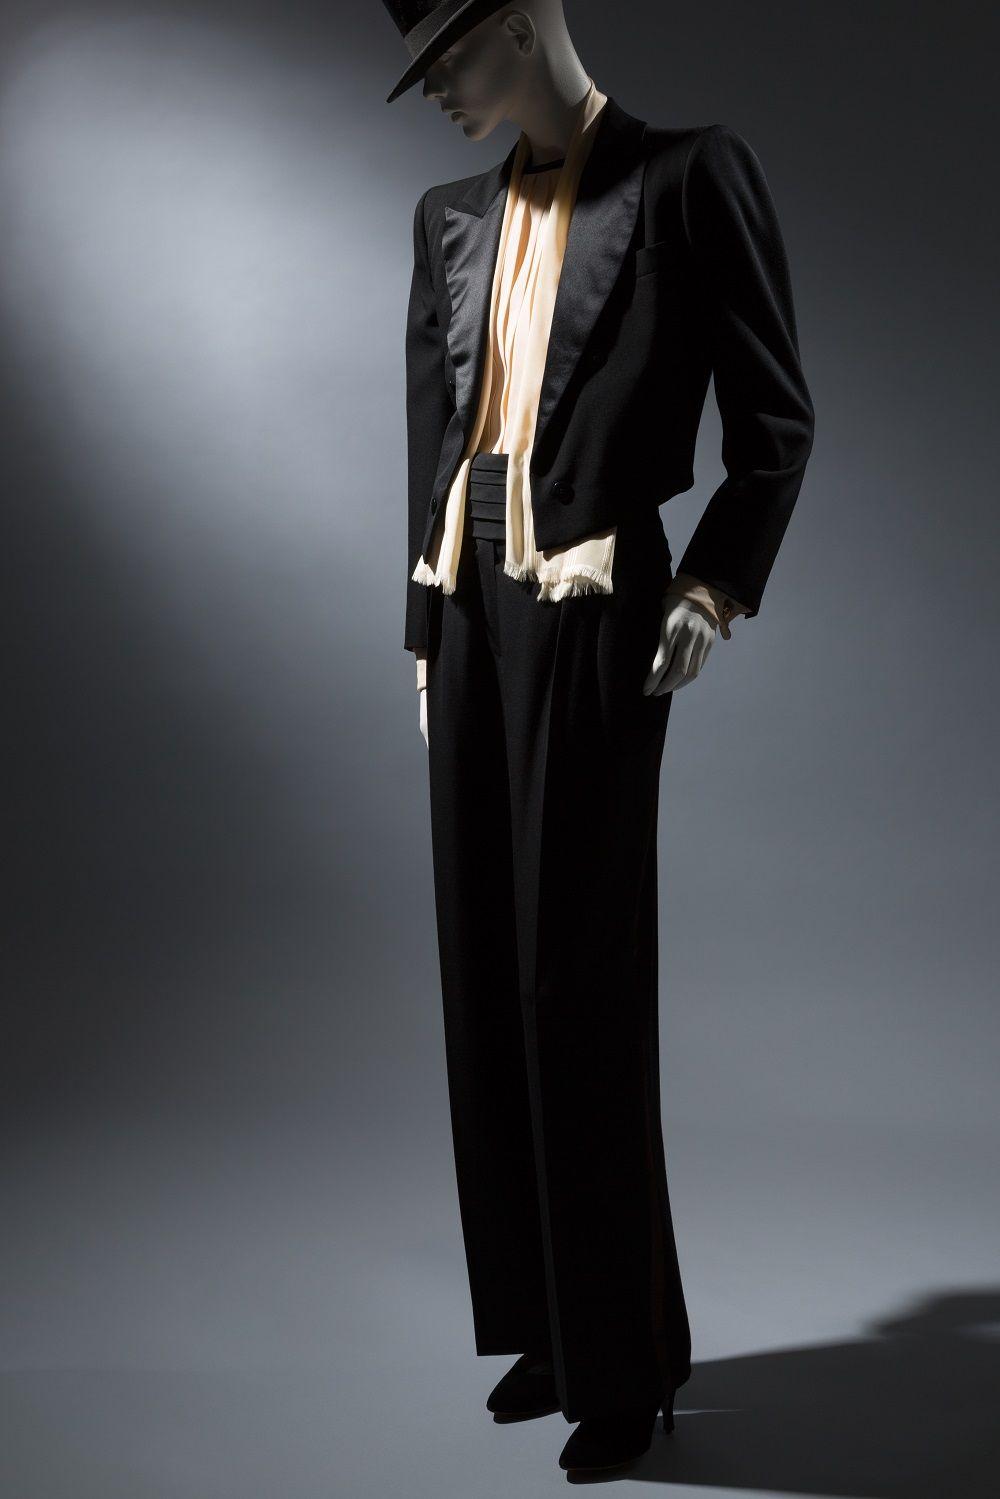 Saint Laurent Rive Gauche, smoking evening suit, c. 1982